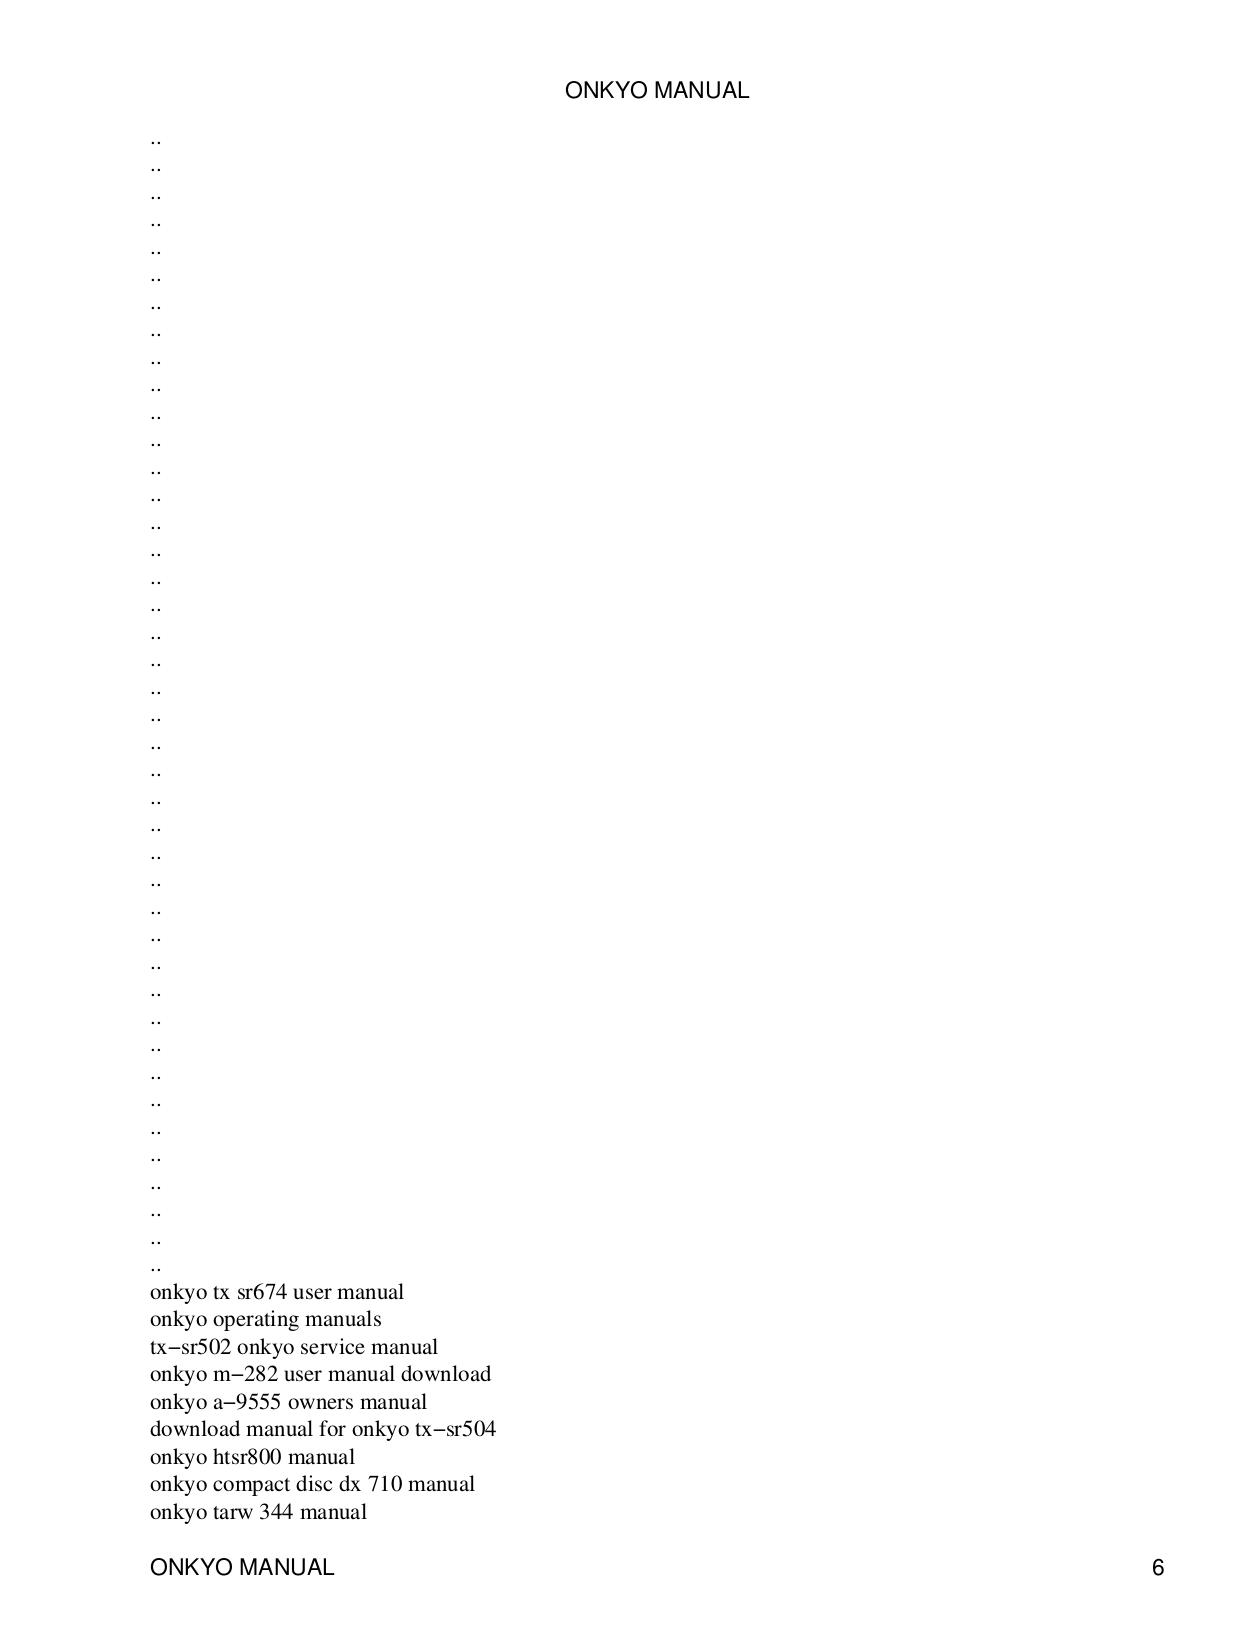 ... Onkyo Receiver TX-8211 pdf page preview ...